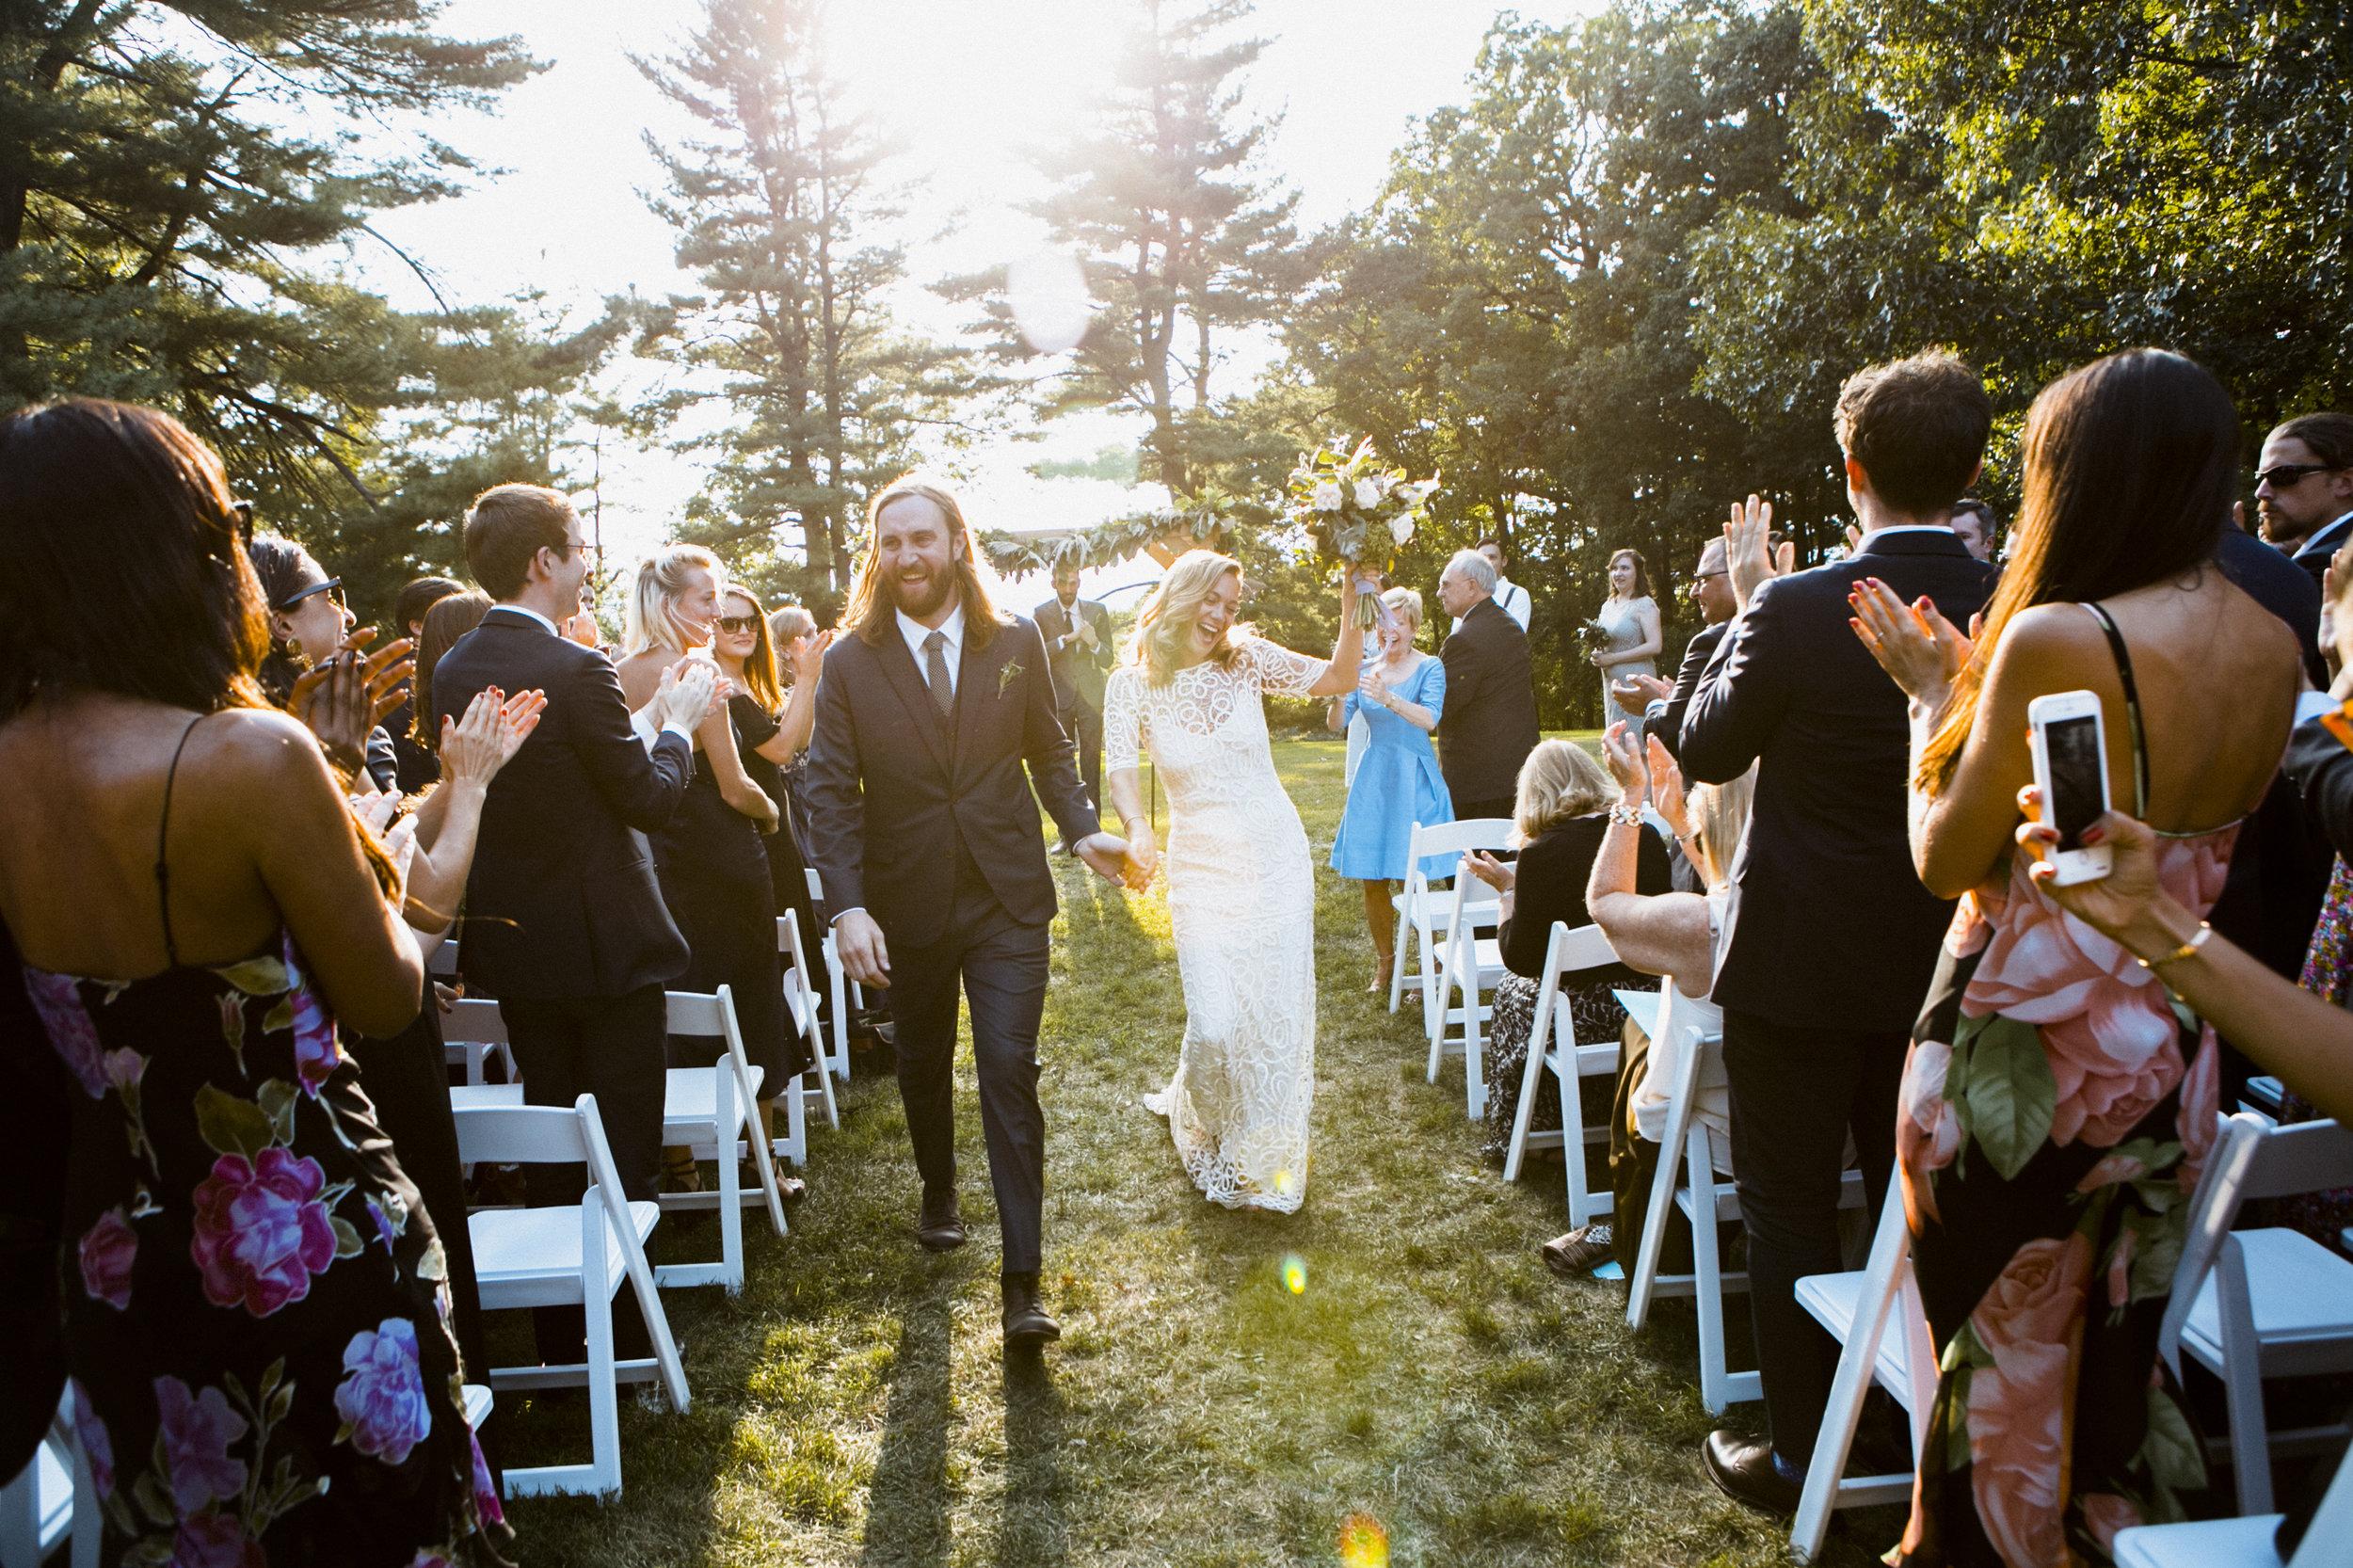 Em_and_Ax_00_wedding-624.jpg